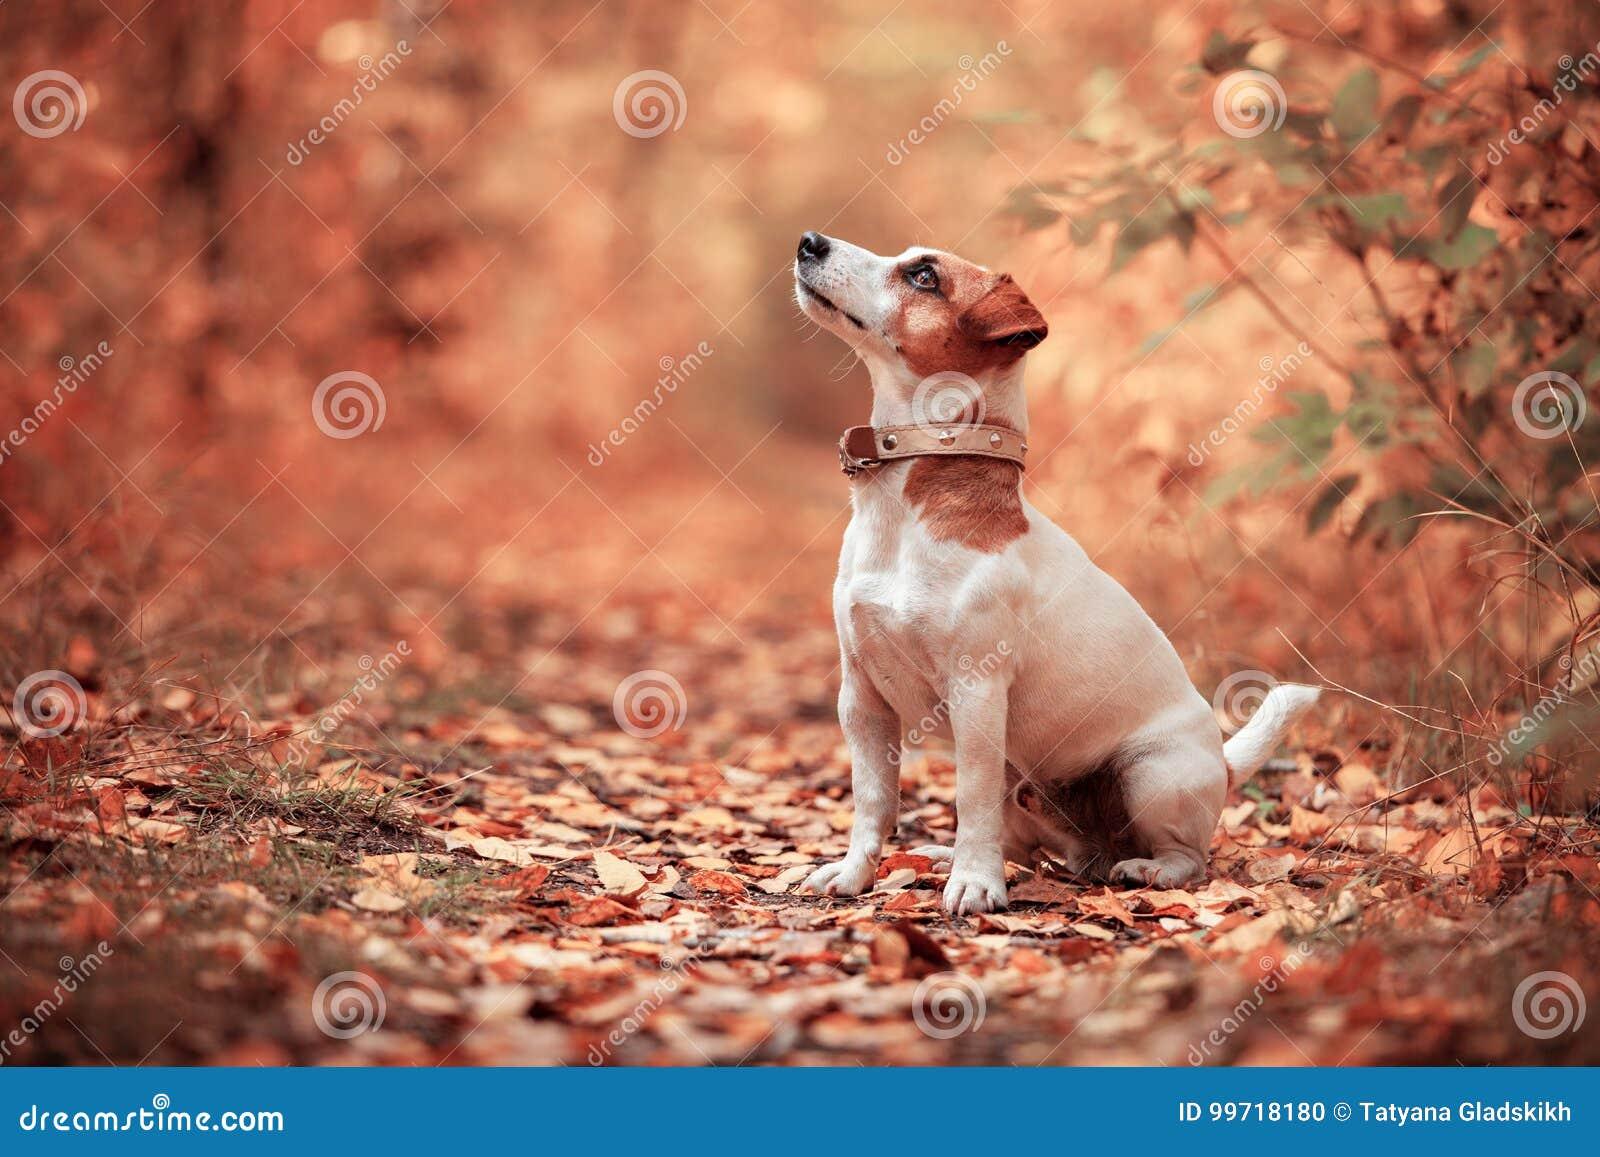 Hund am Herbst